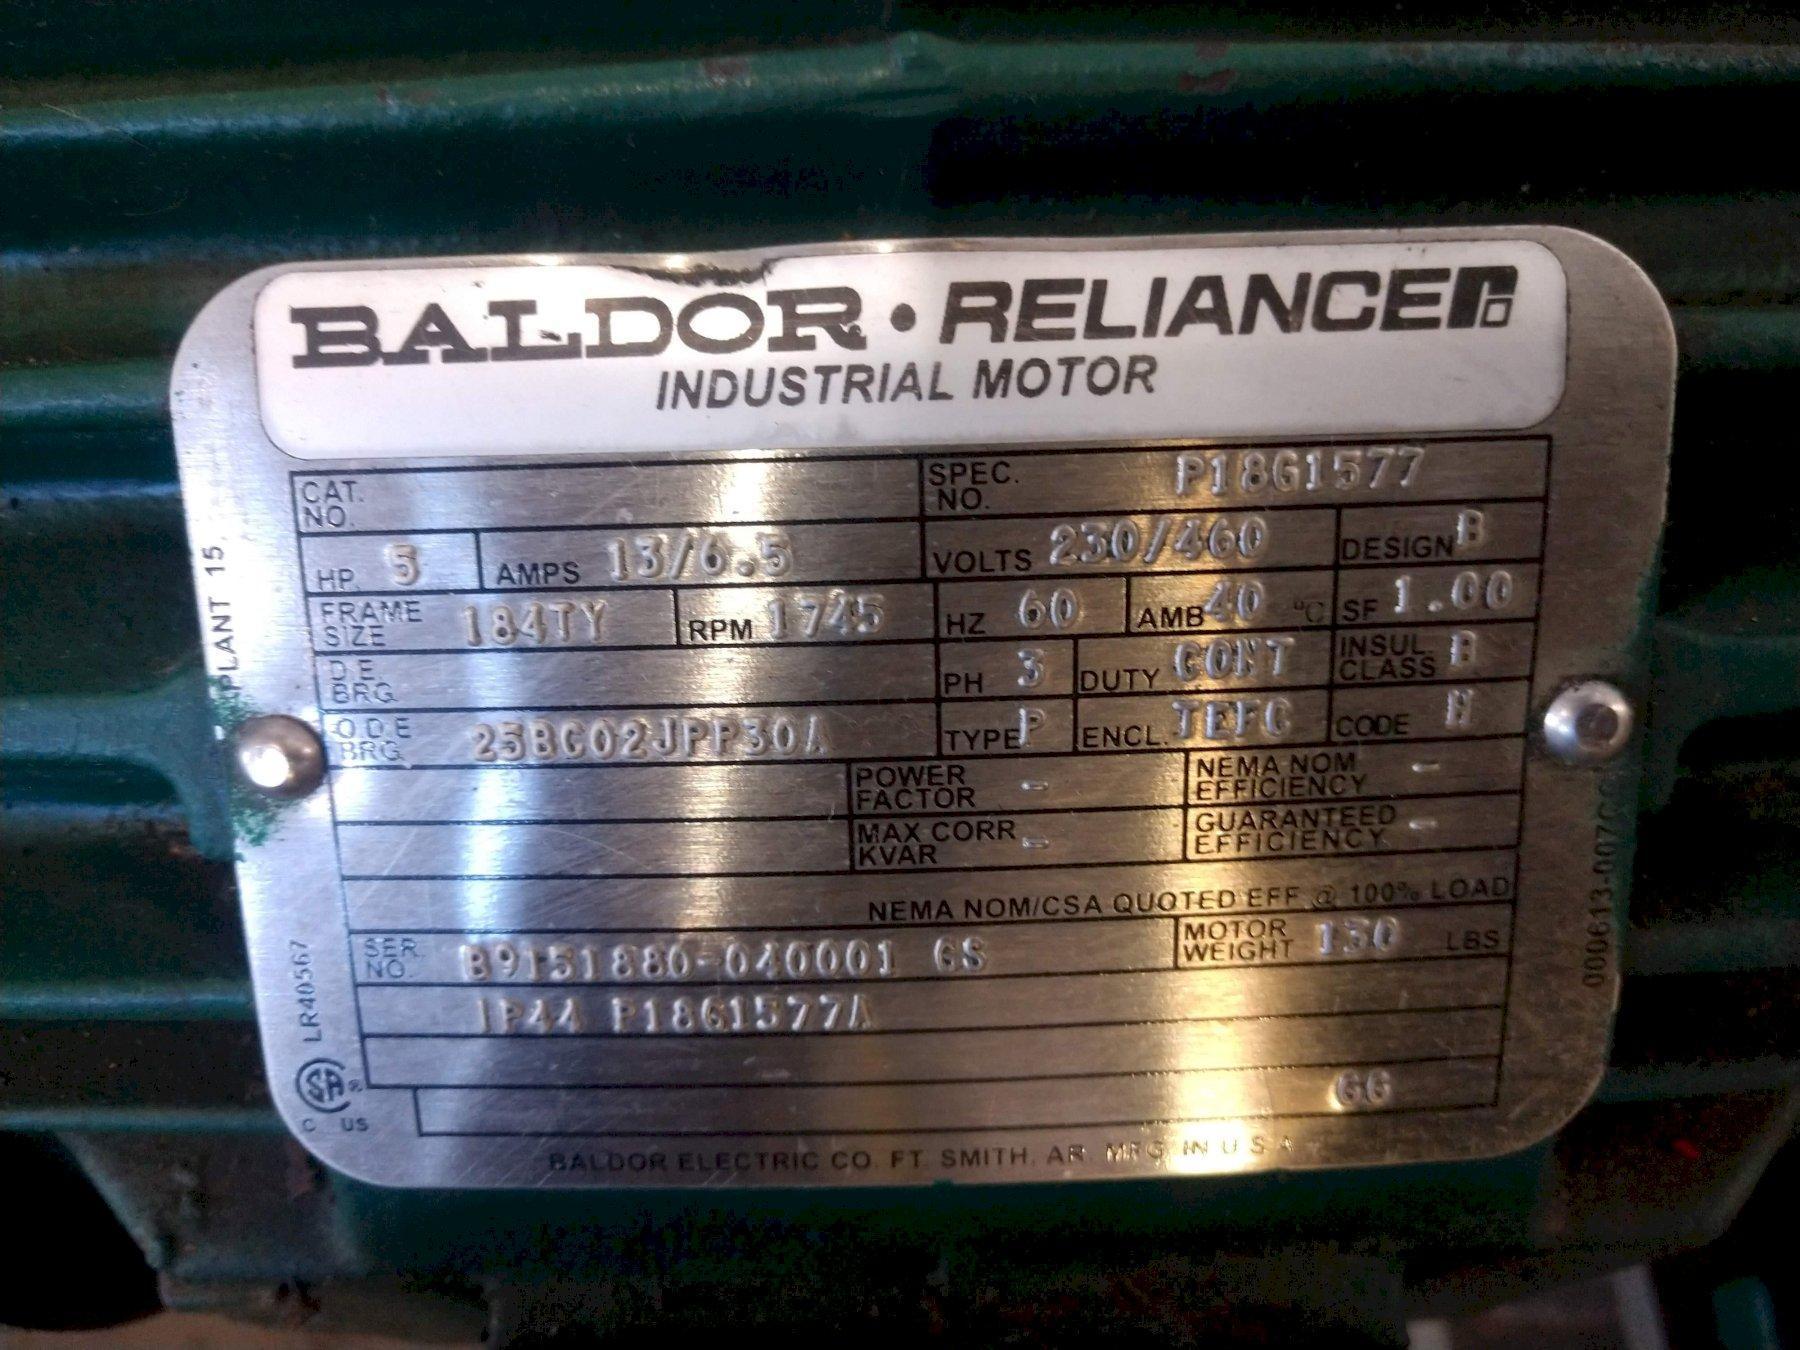 5 HP ROYALTON ELECTRICH WINCH UNIT : STOCK #13822